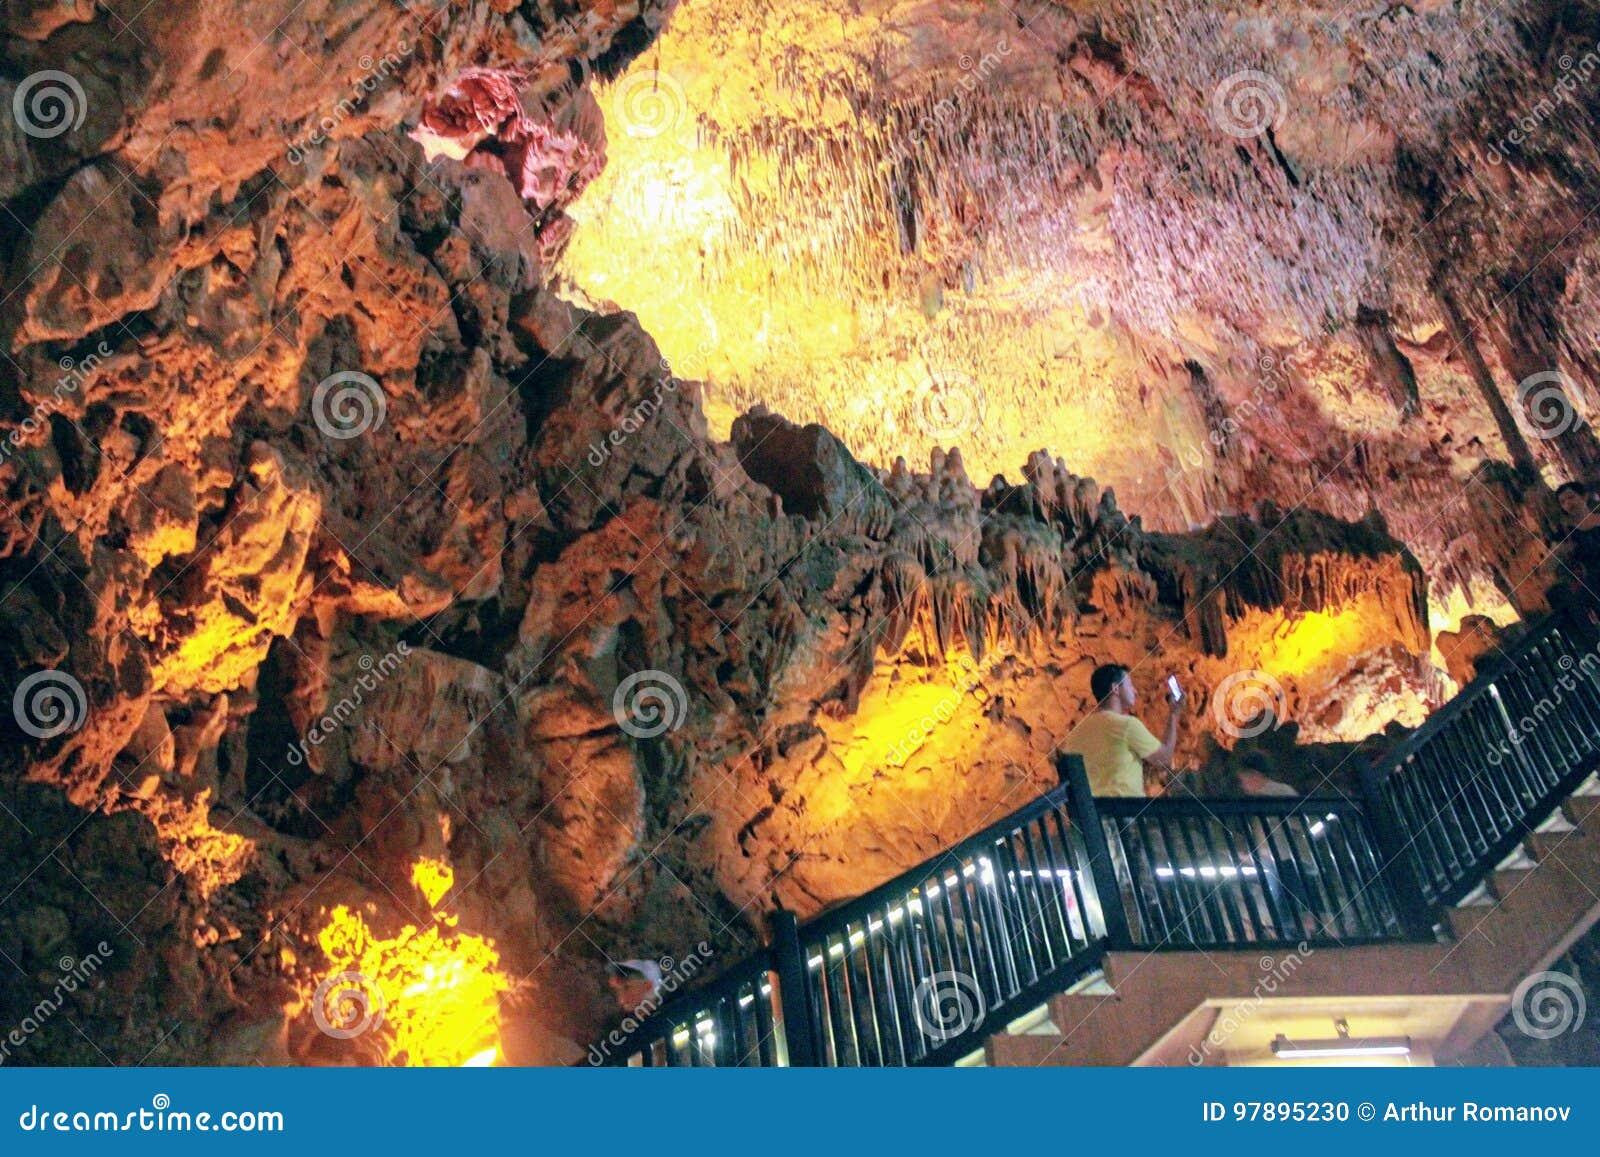 Stalactites and stalagmites inside Damlatas Cave Alanya, Turkey